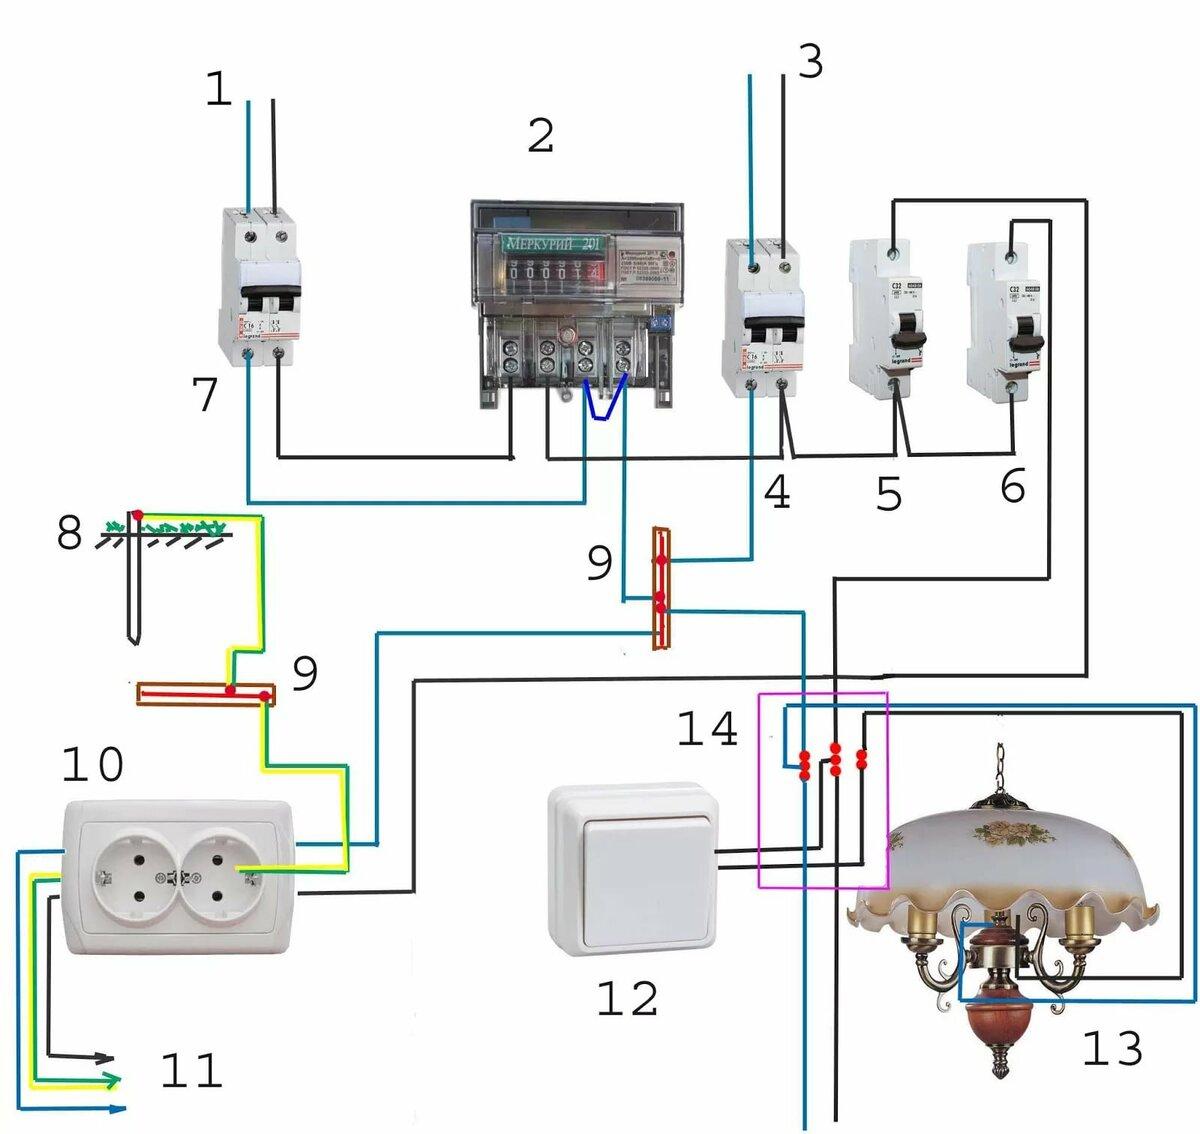 электросхема дома картинки сувенирные заказать